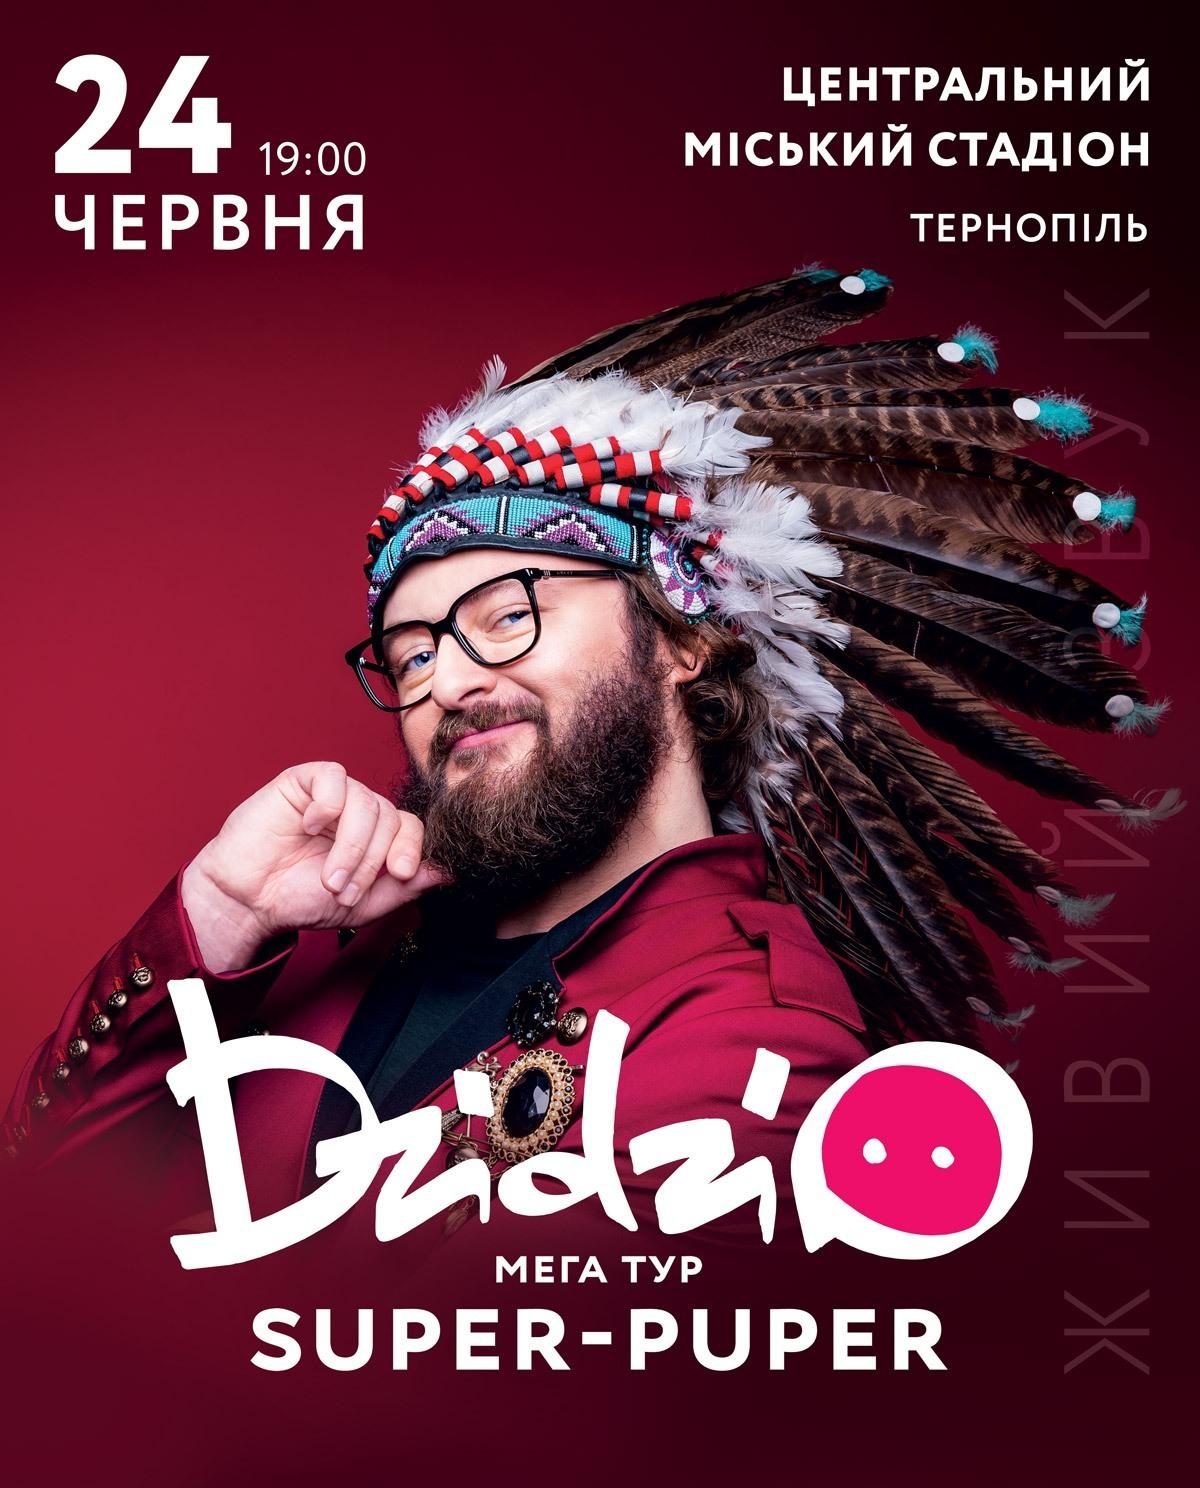 DZIDZIO. МЕГА-ТУР SUPER-PUPER